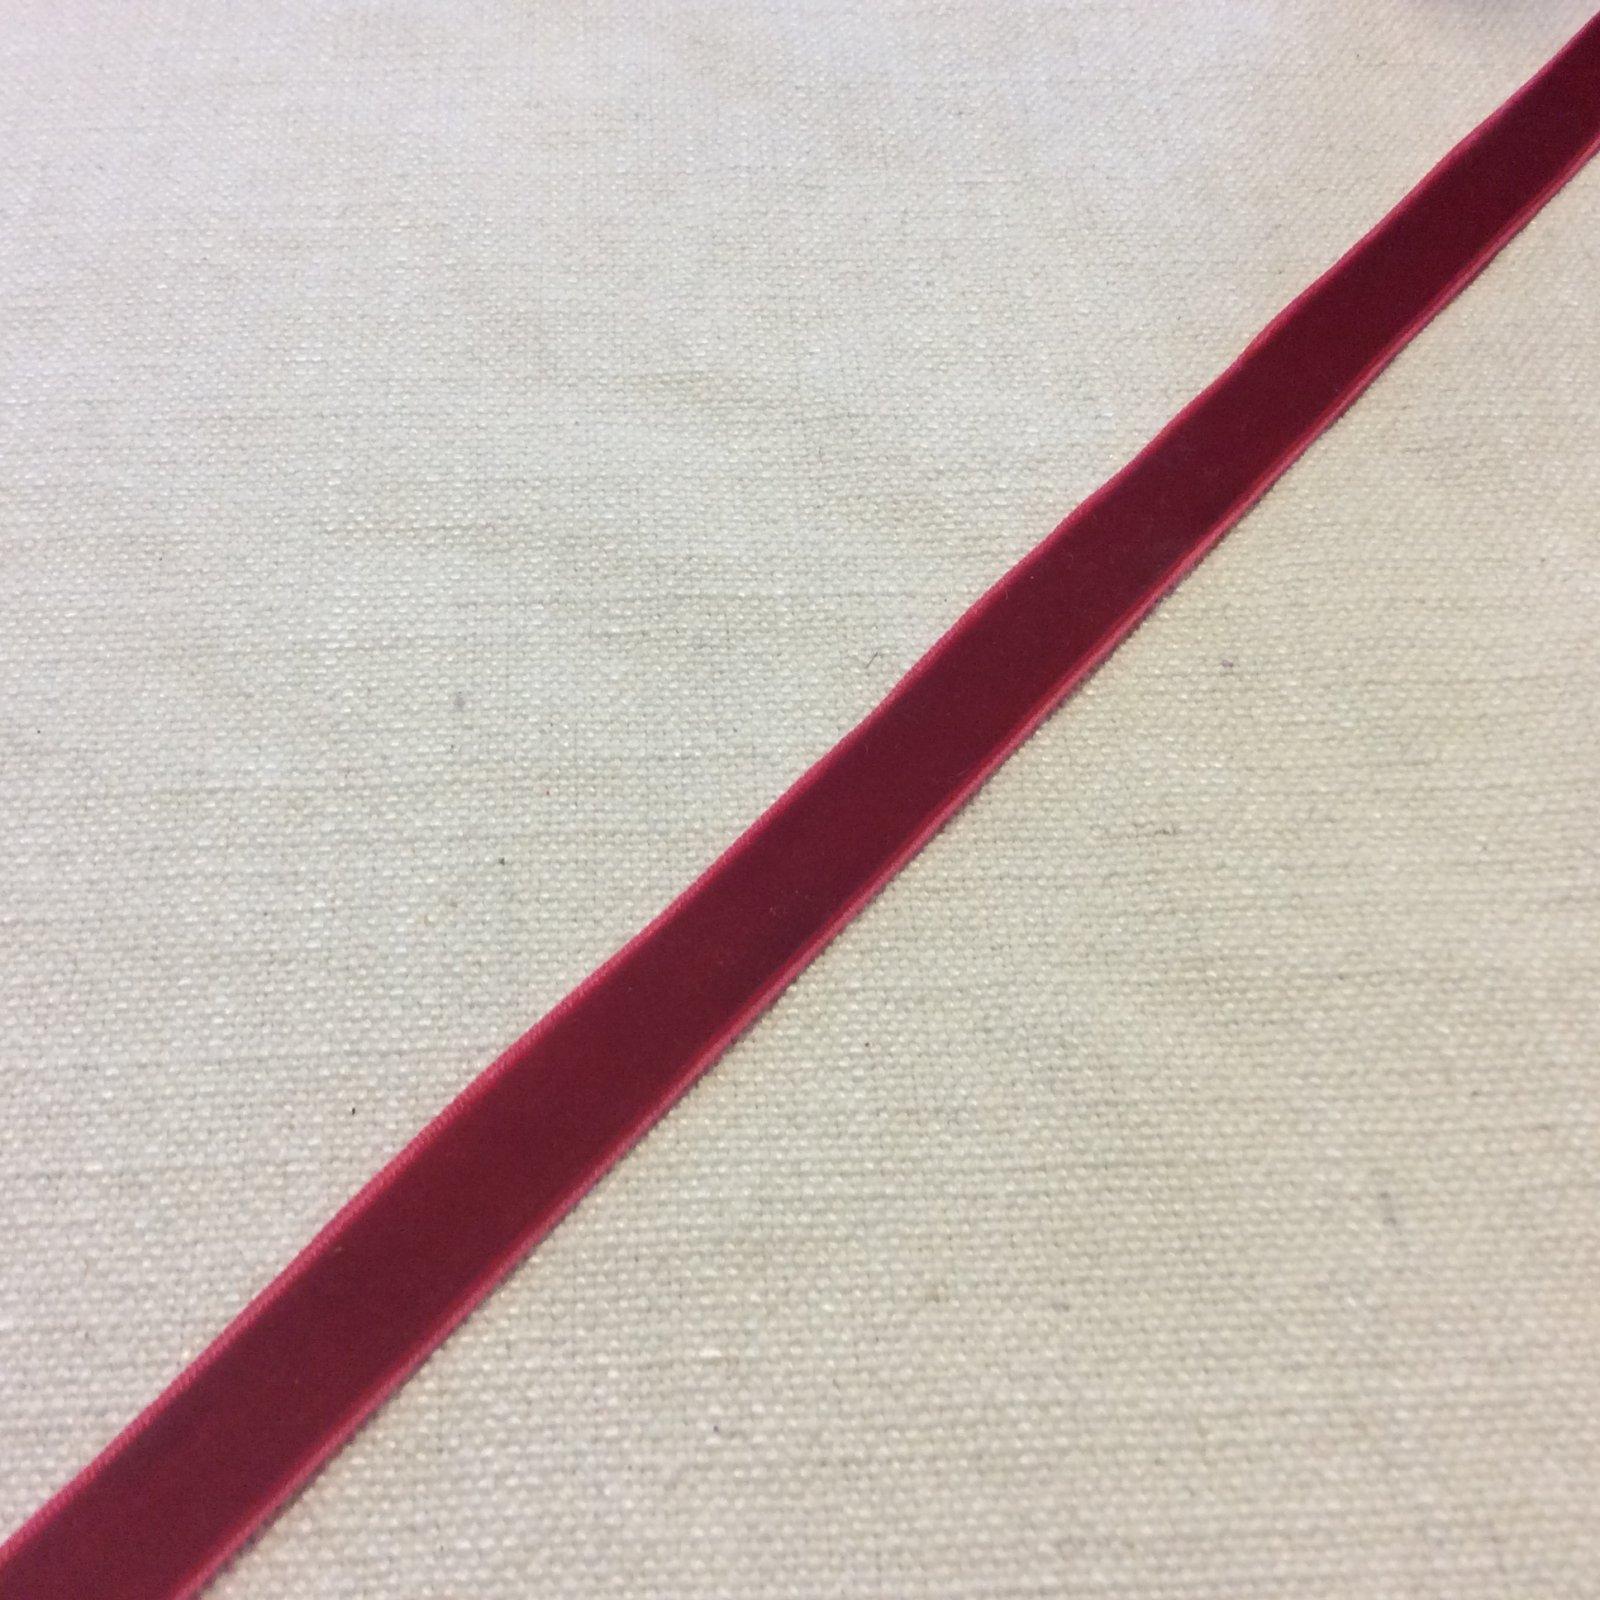 Velvet Ribbon 5/8 Red Trim Ribbon PAMA17